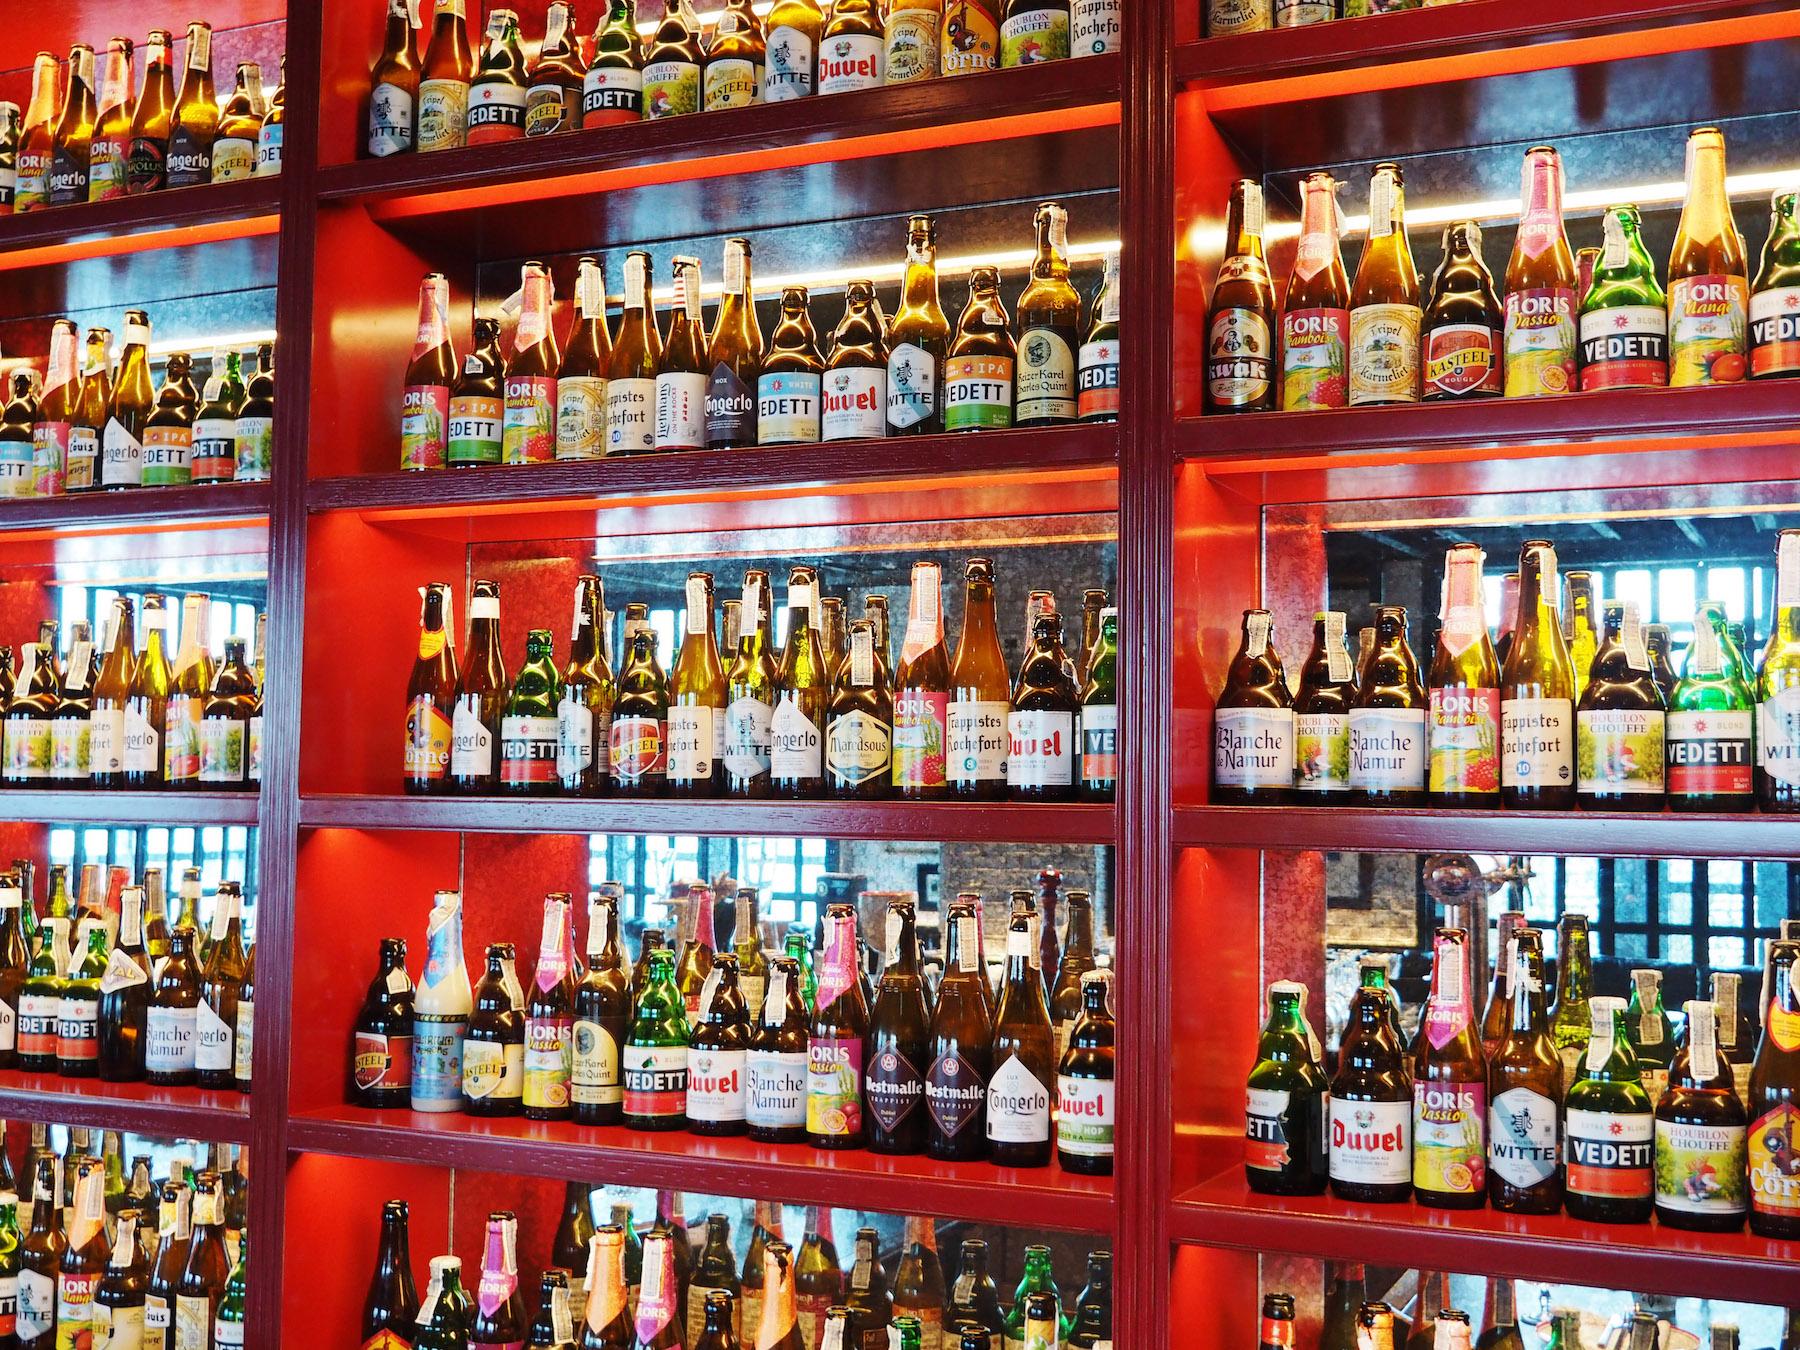 ベルギーのビールと料理が楽しめるバンコクの最新ルーフトップバー「ベルガ・ルーフトップバー&ブラッスリー」